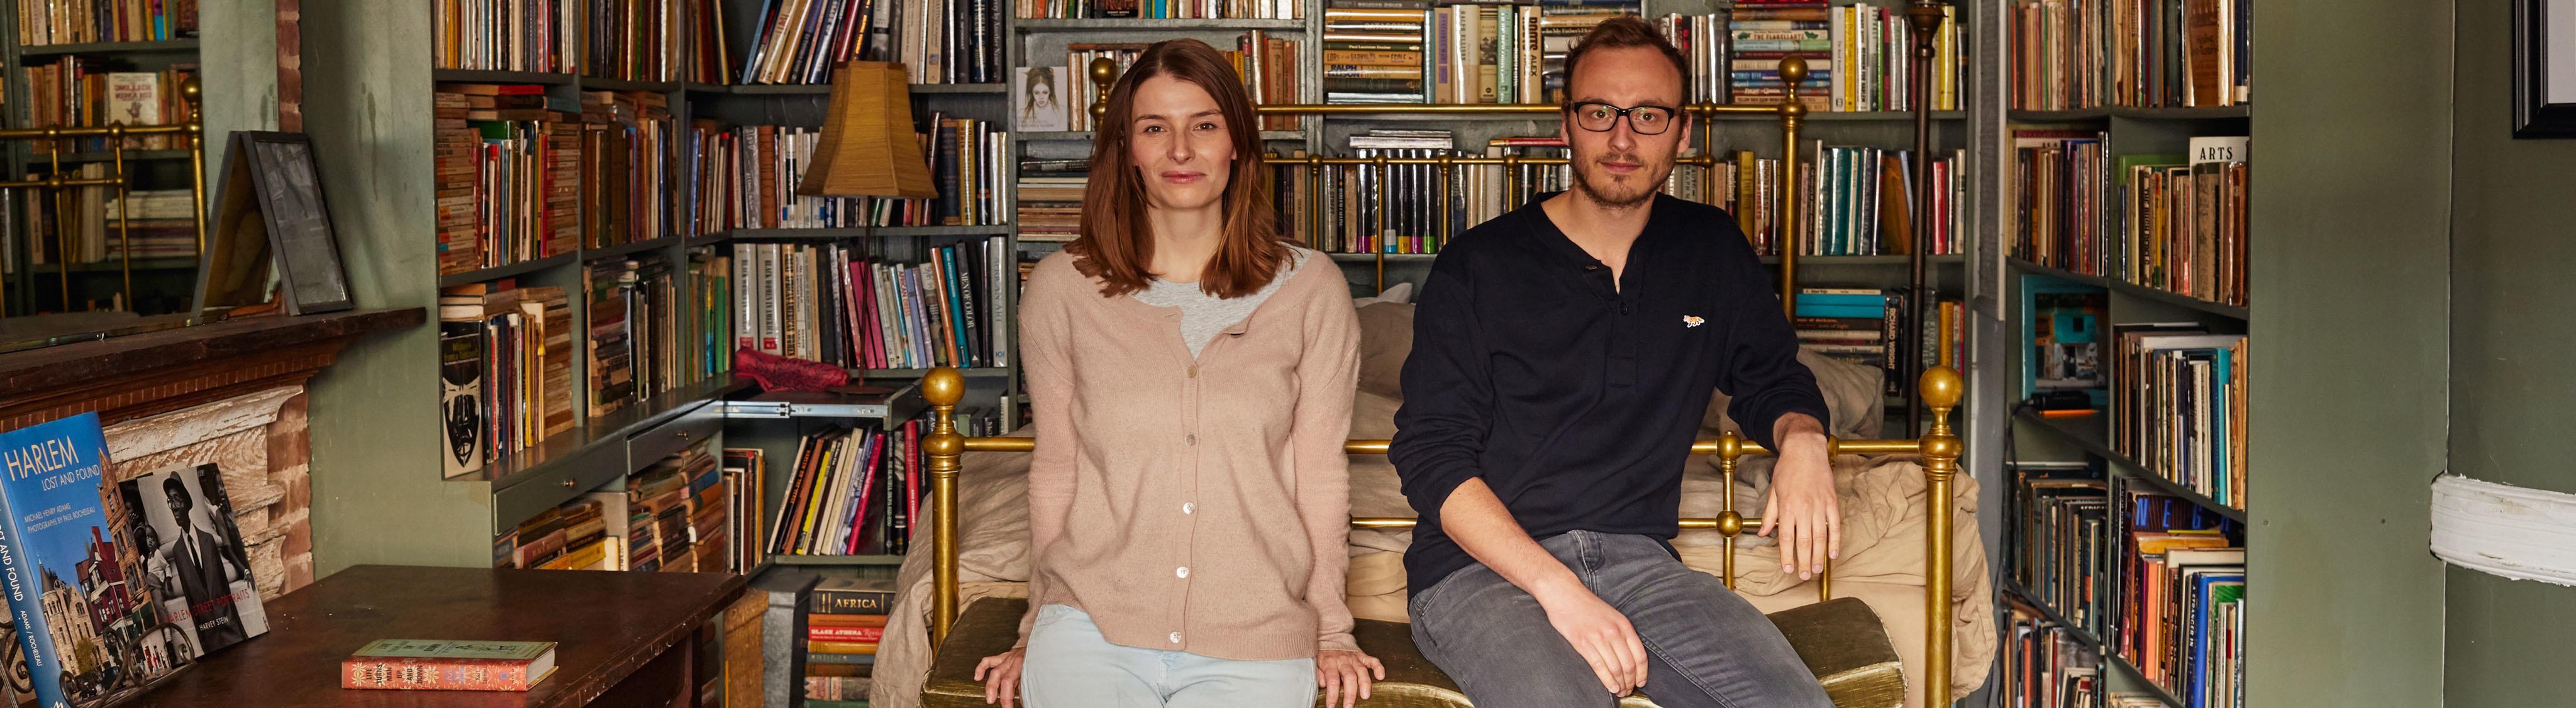 Christina Horsten und Felix Zeltner in einer New Yorker Wohnung vor einer Bücherwand.